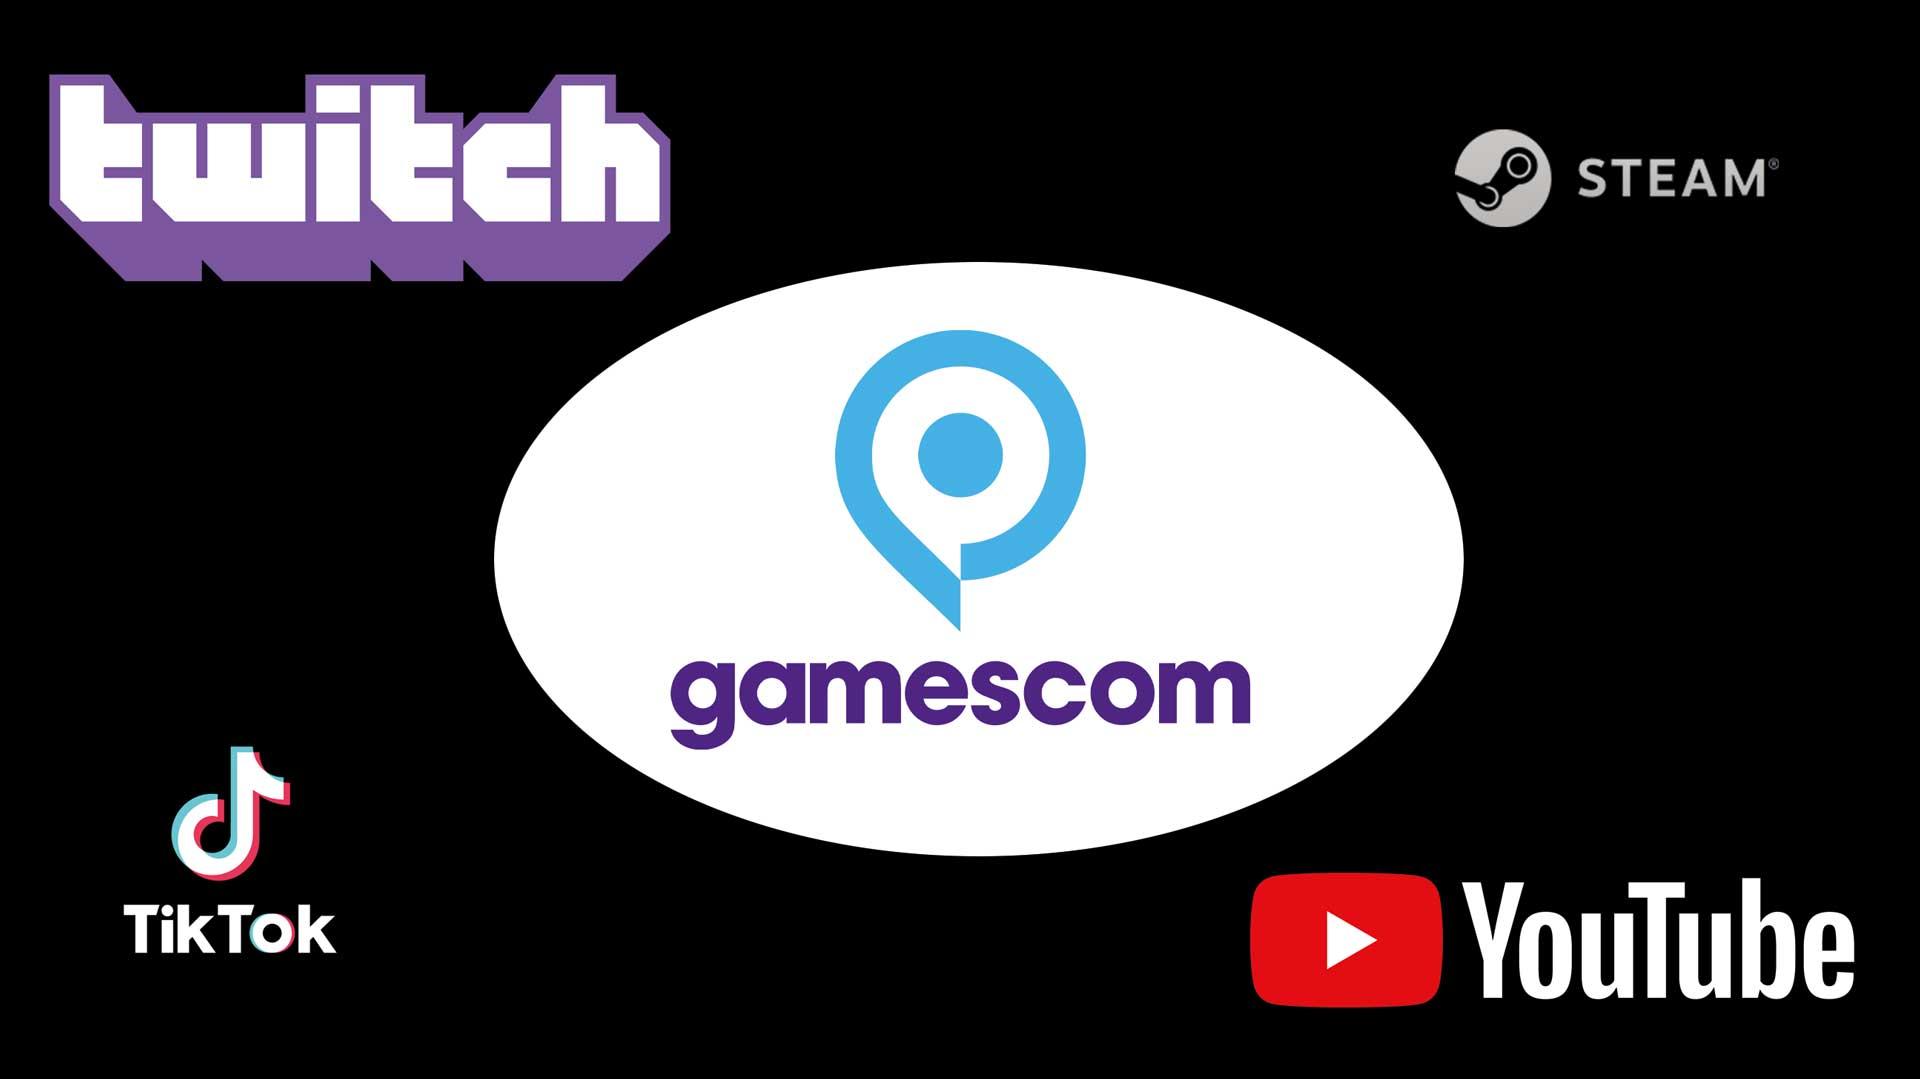 gamescom partner babt